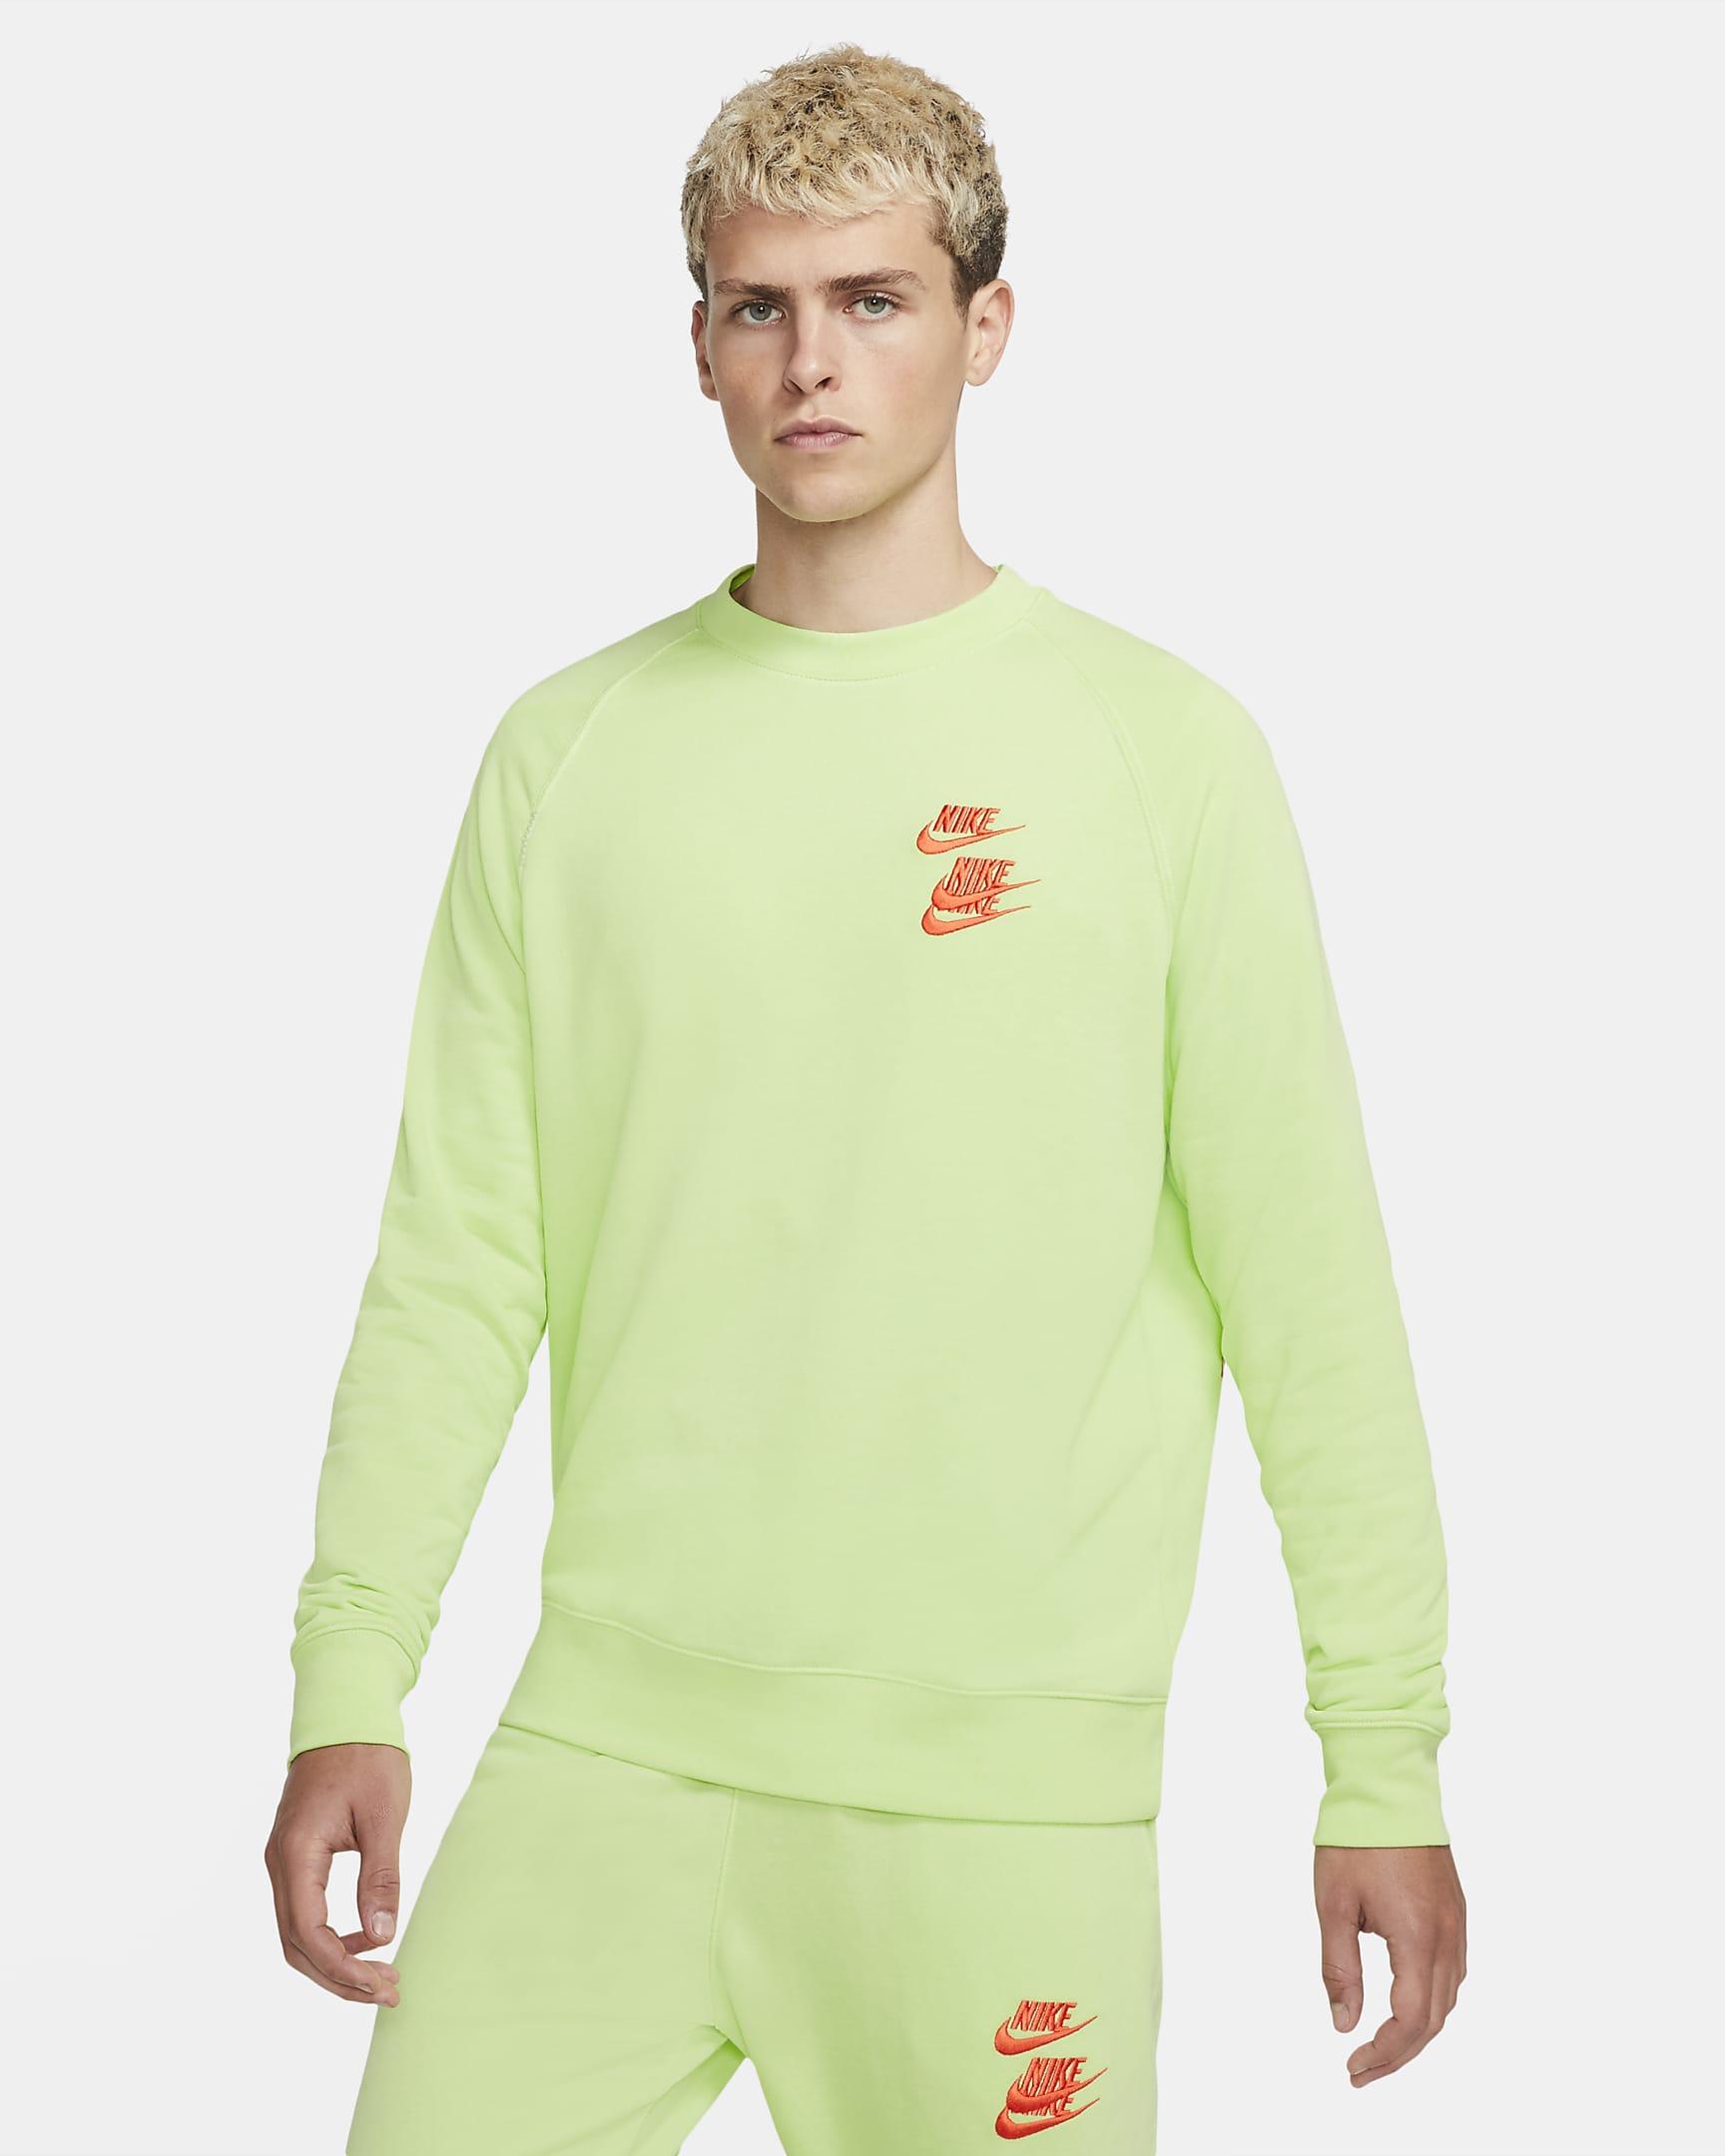 sportswear-mens-crew-GMNDkc-5